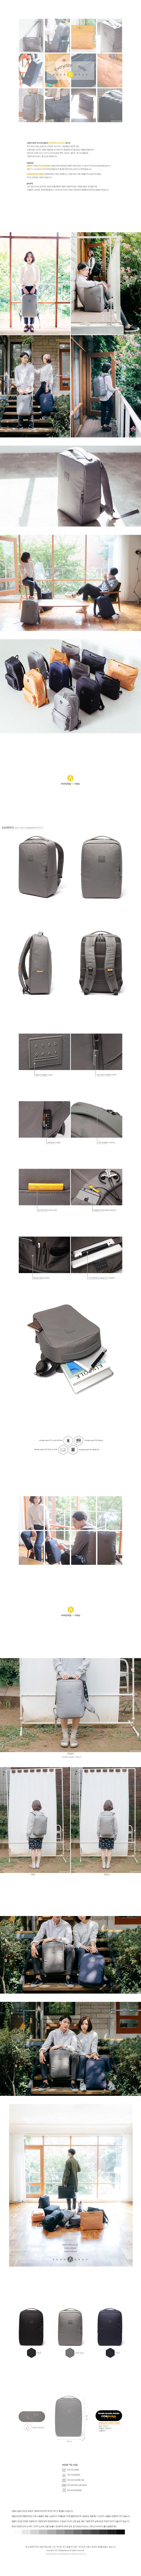 [에이지그레이]AGEDGRAY - GAMMA07FDG 가방 클러치백 파우치백 clutch bag